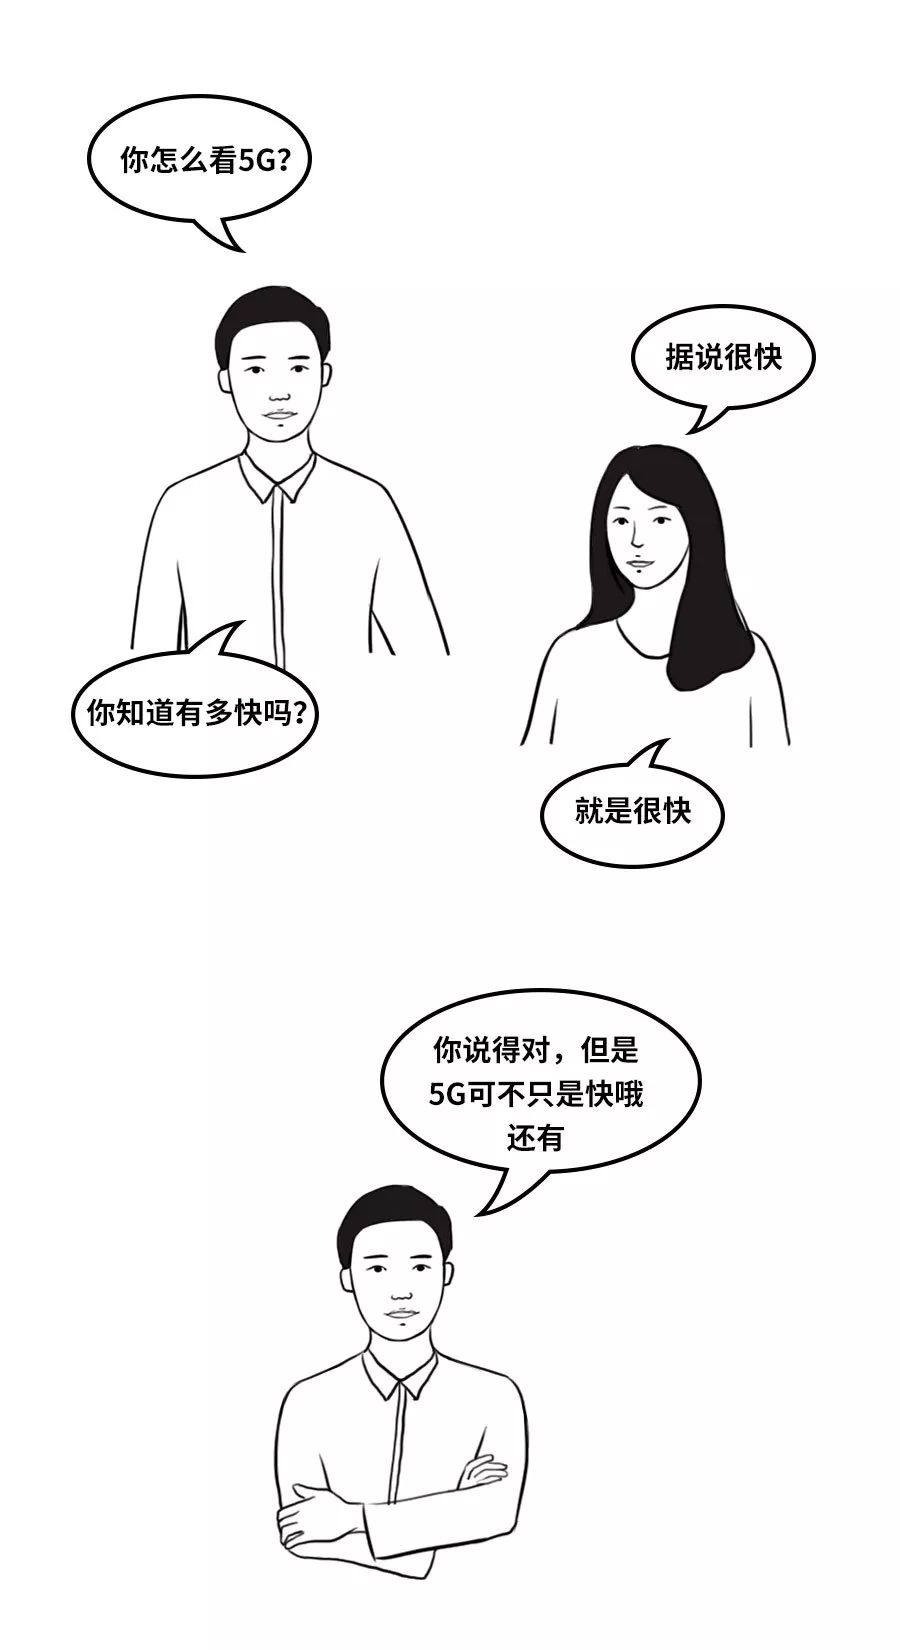 """深圳首个5G体验街区来了!空降了个""""5G未来体验舱"""",免费打卡!"""